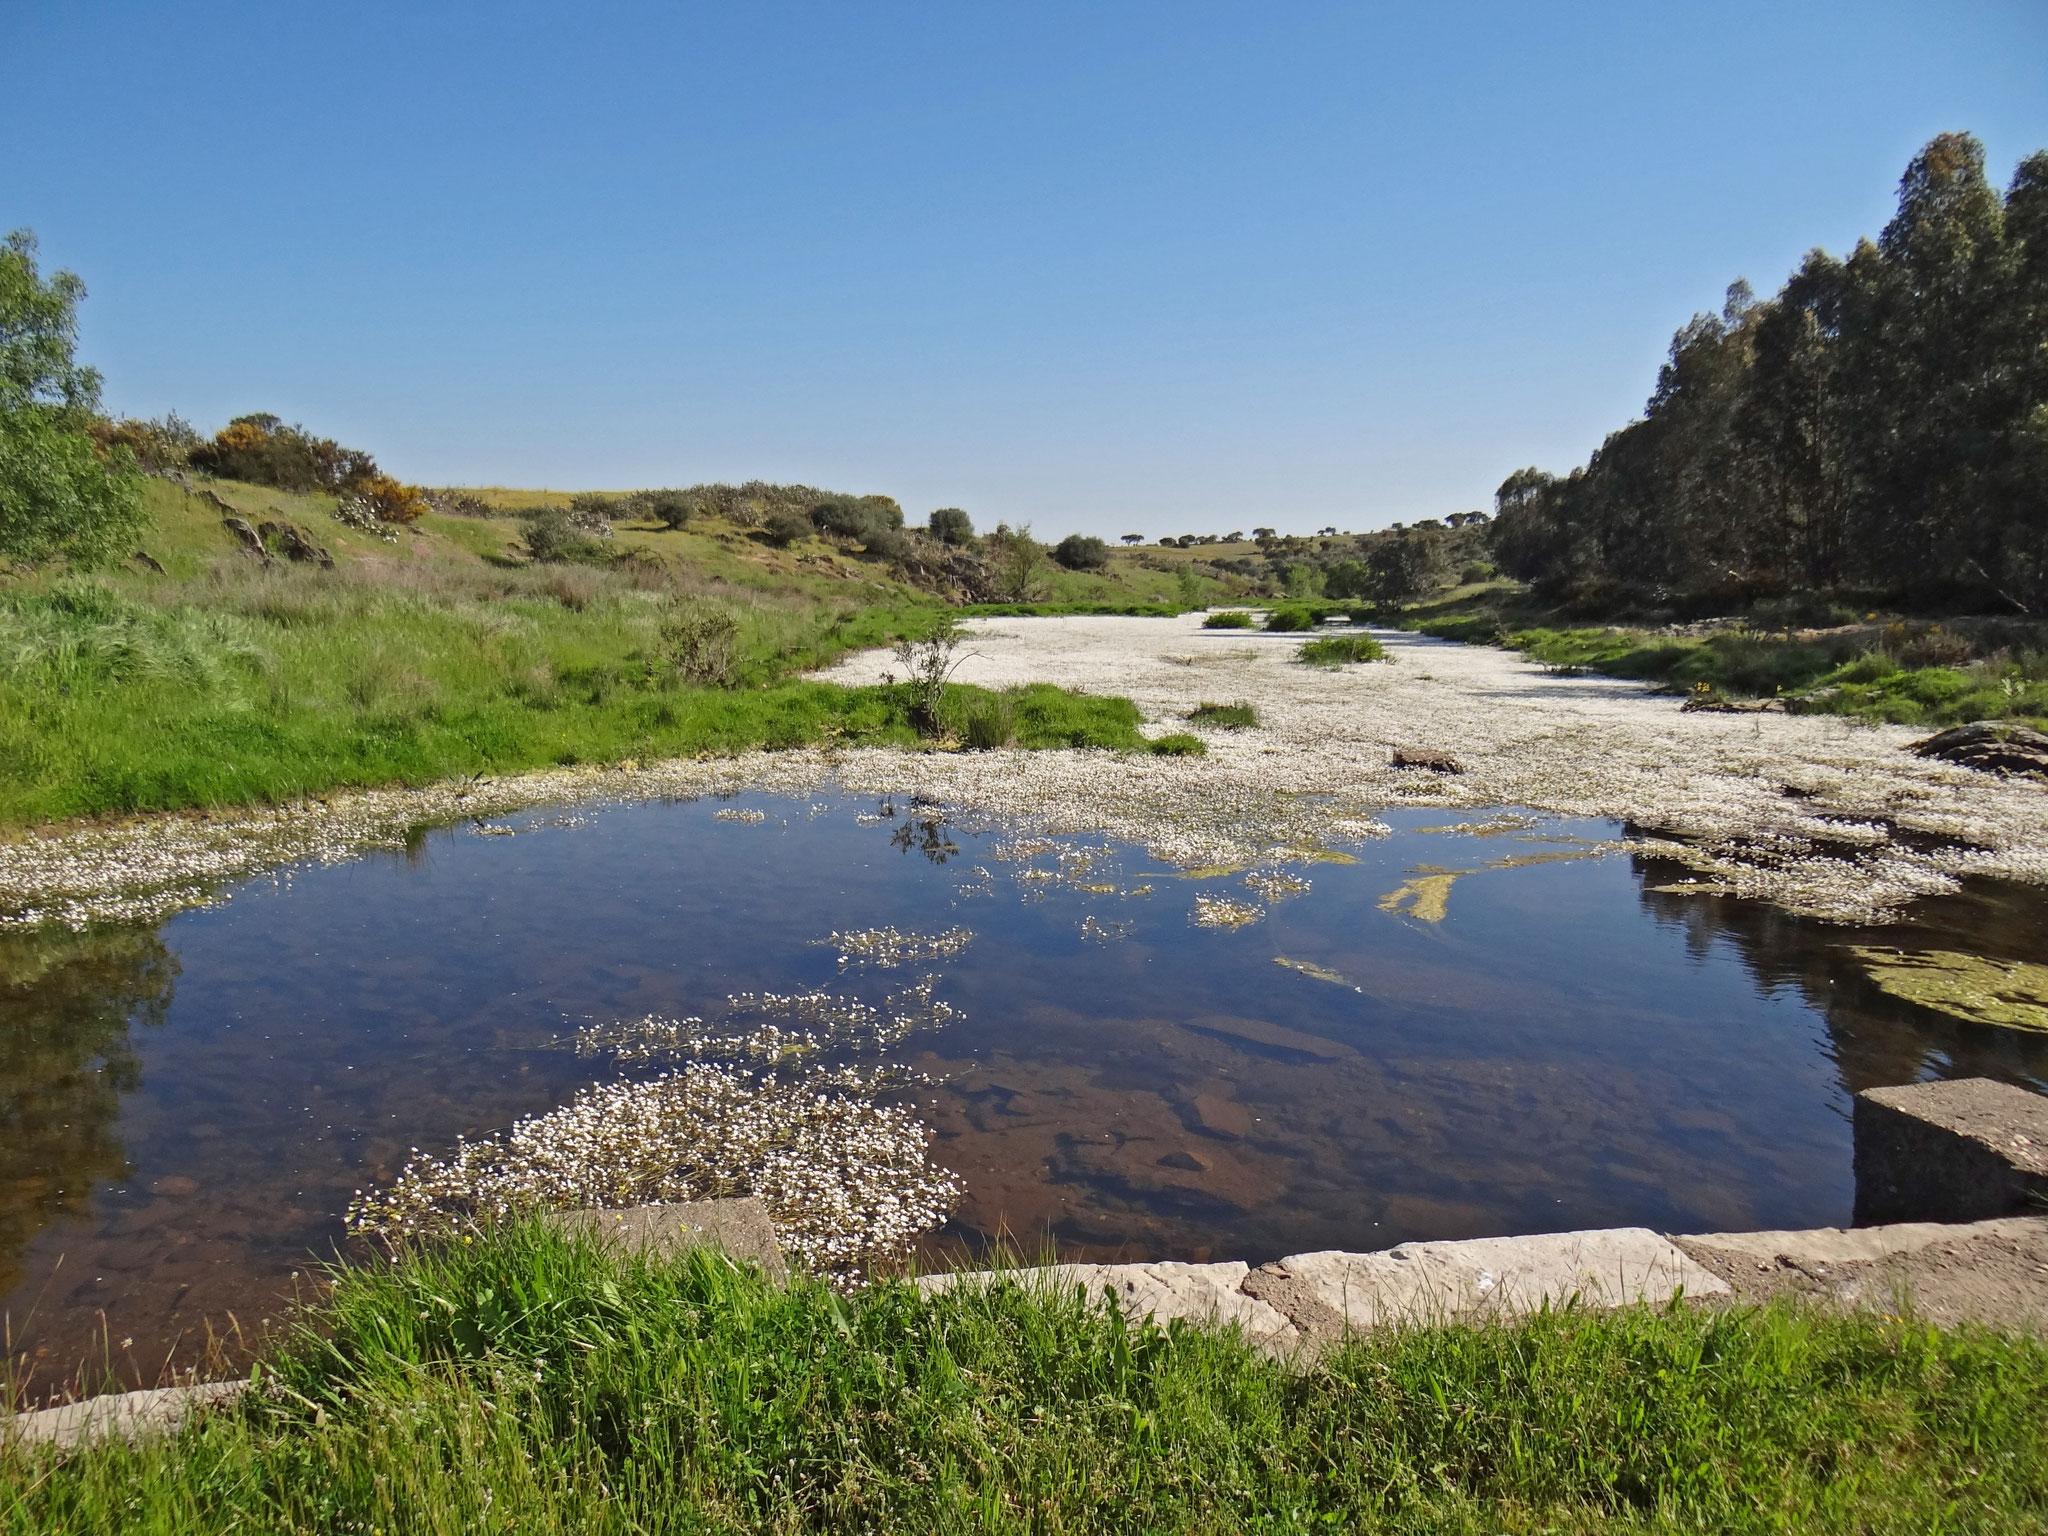 Einer unserer Lieblingsplätze ist die Flussaue auf dem 700-Hektar-Grundstück des Gastgebers ...